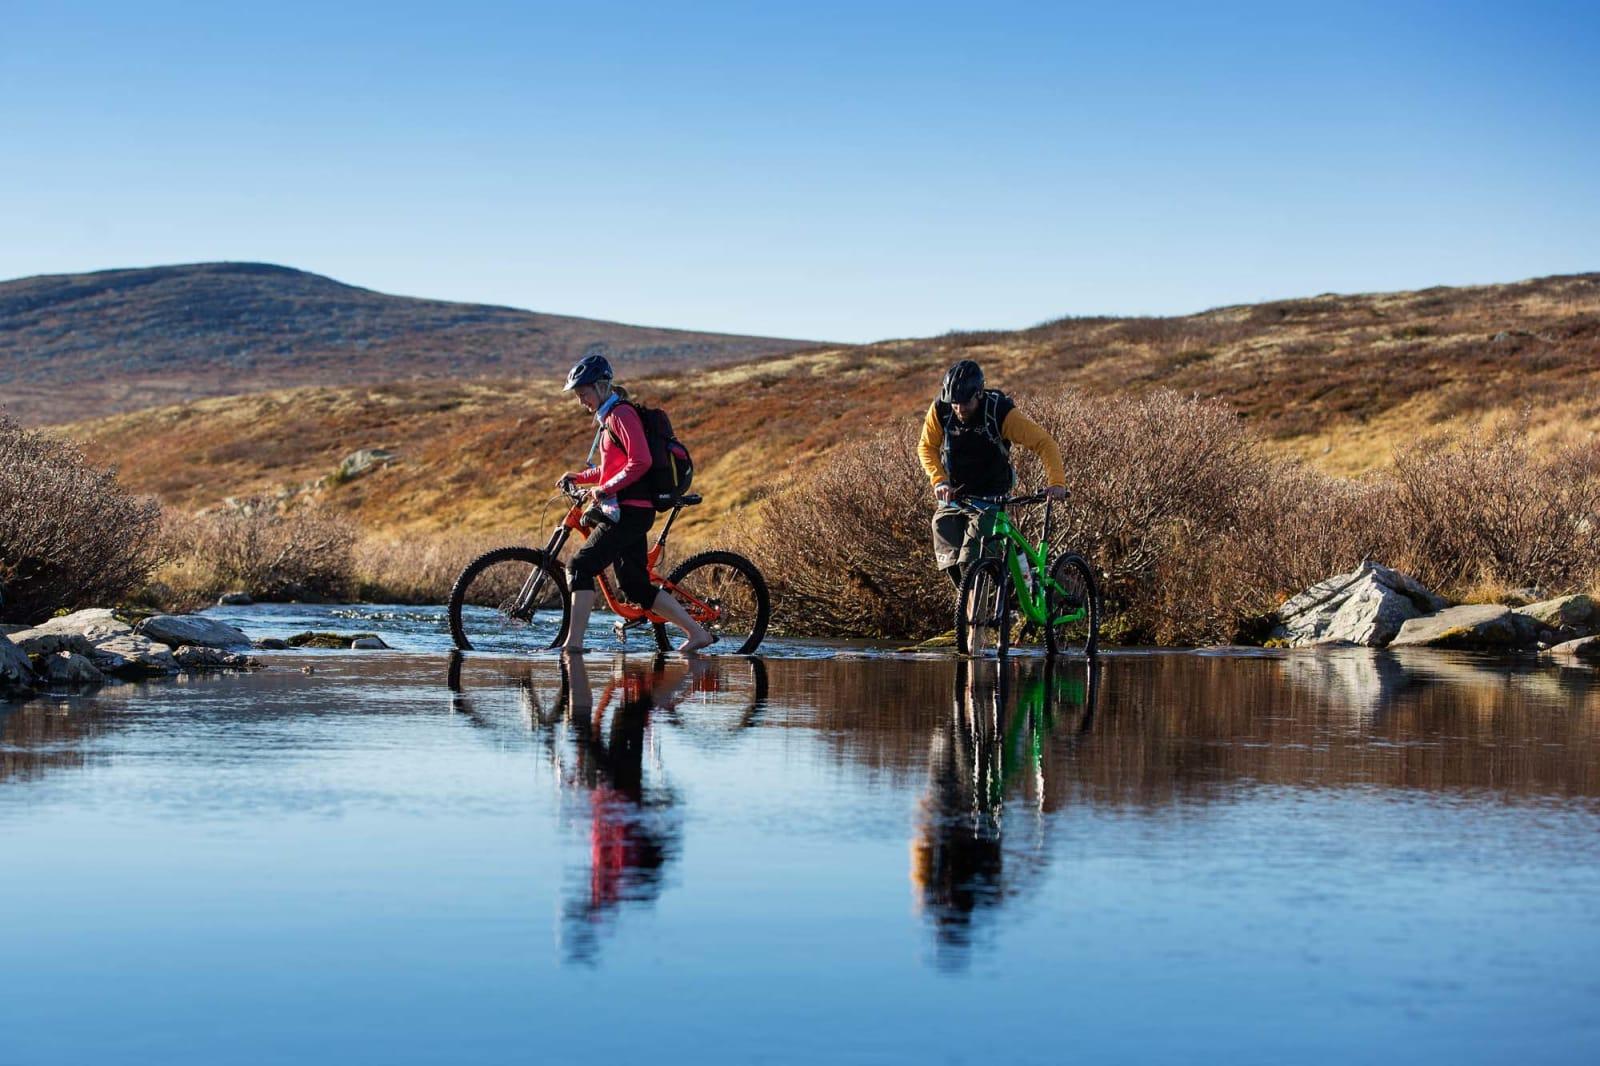 KALDT: Høstfargene i fjellet hinter, og ja, vannet var kaldt. Foto: Kristoffer H. Kippernes